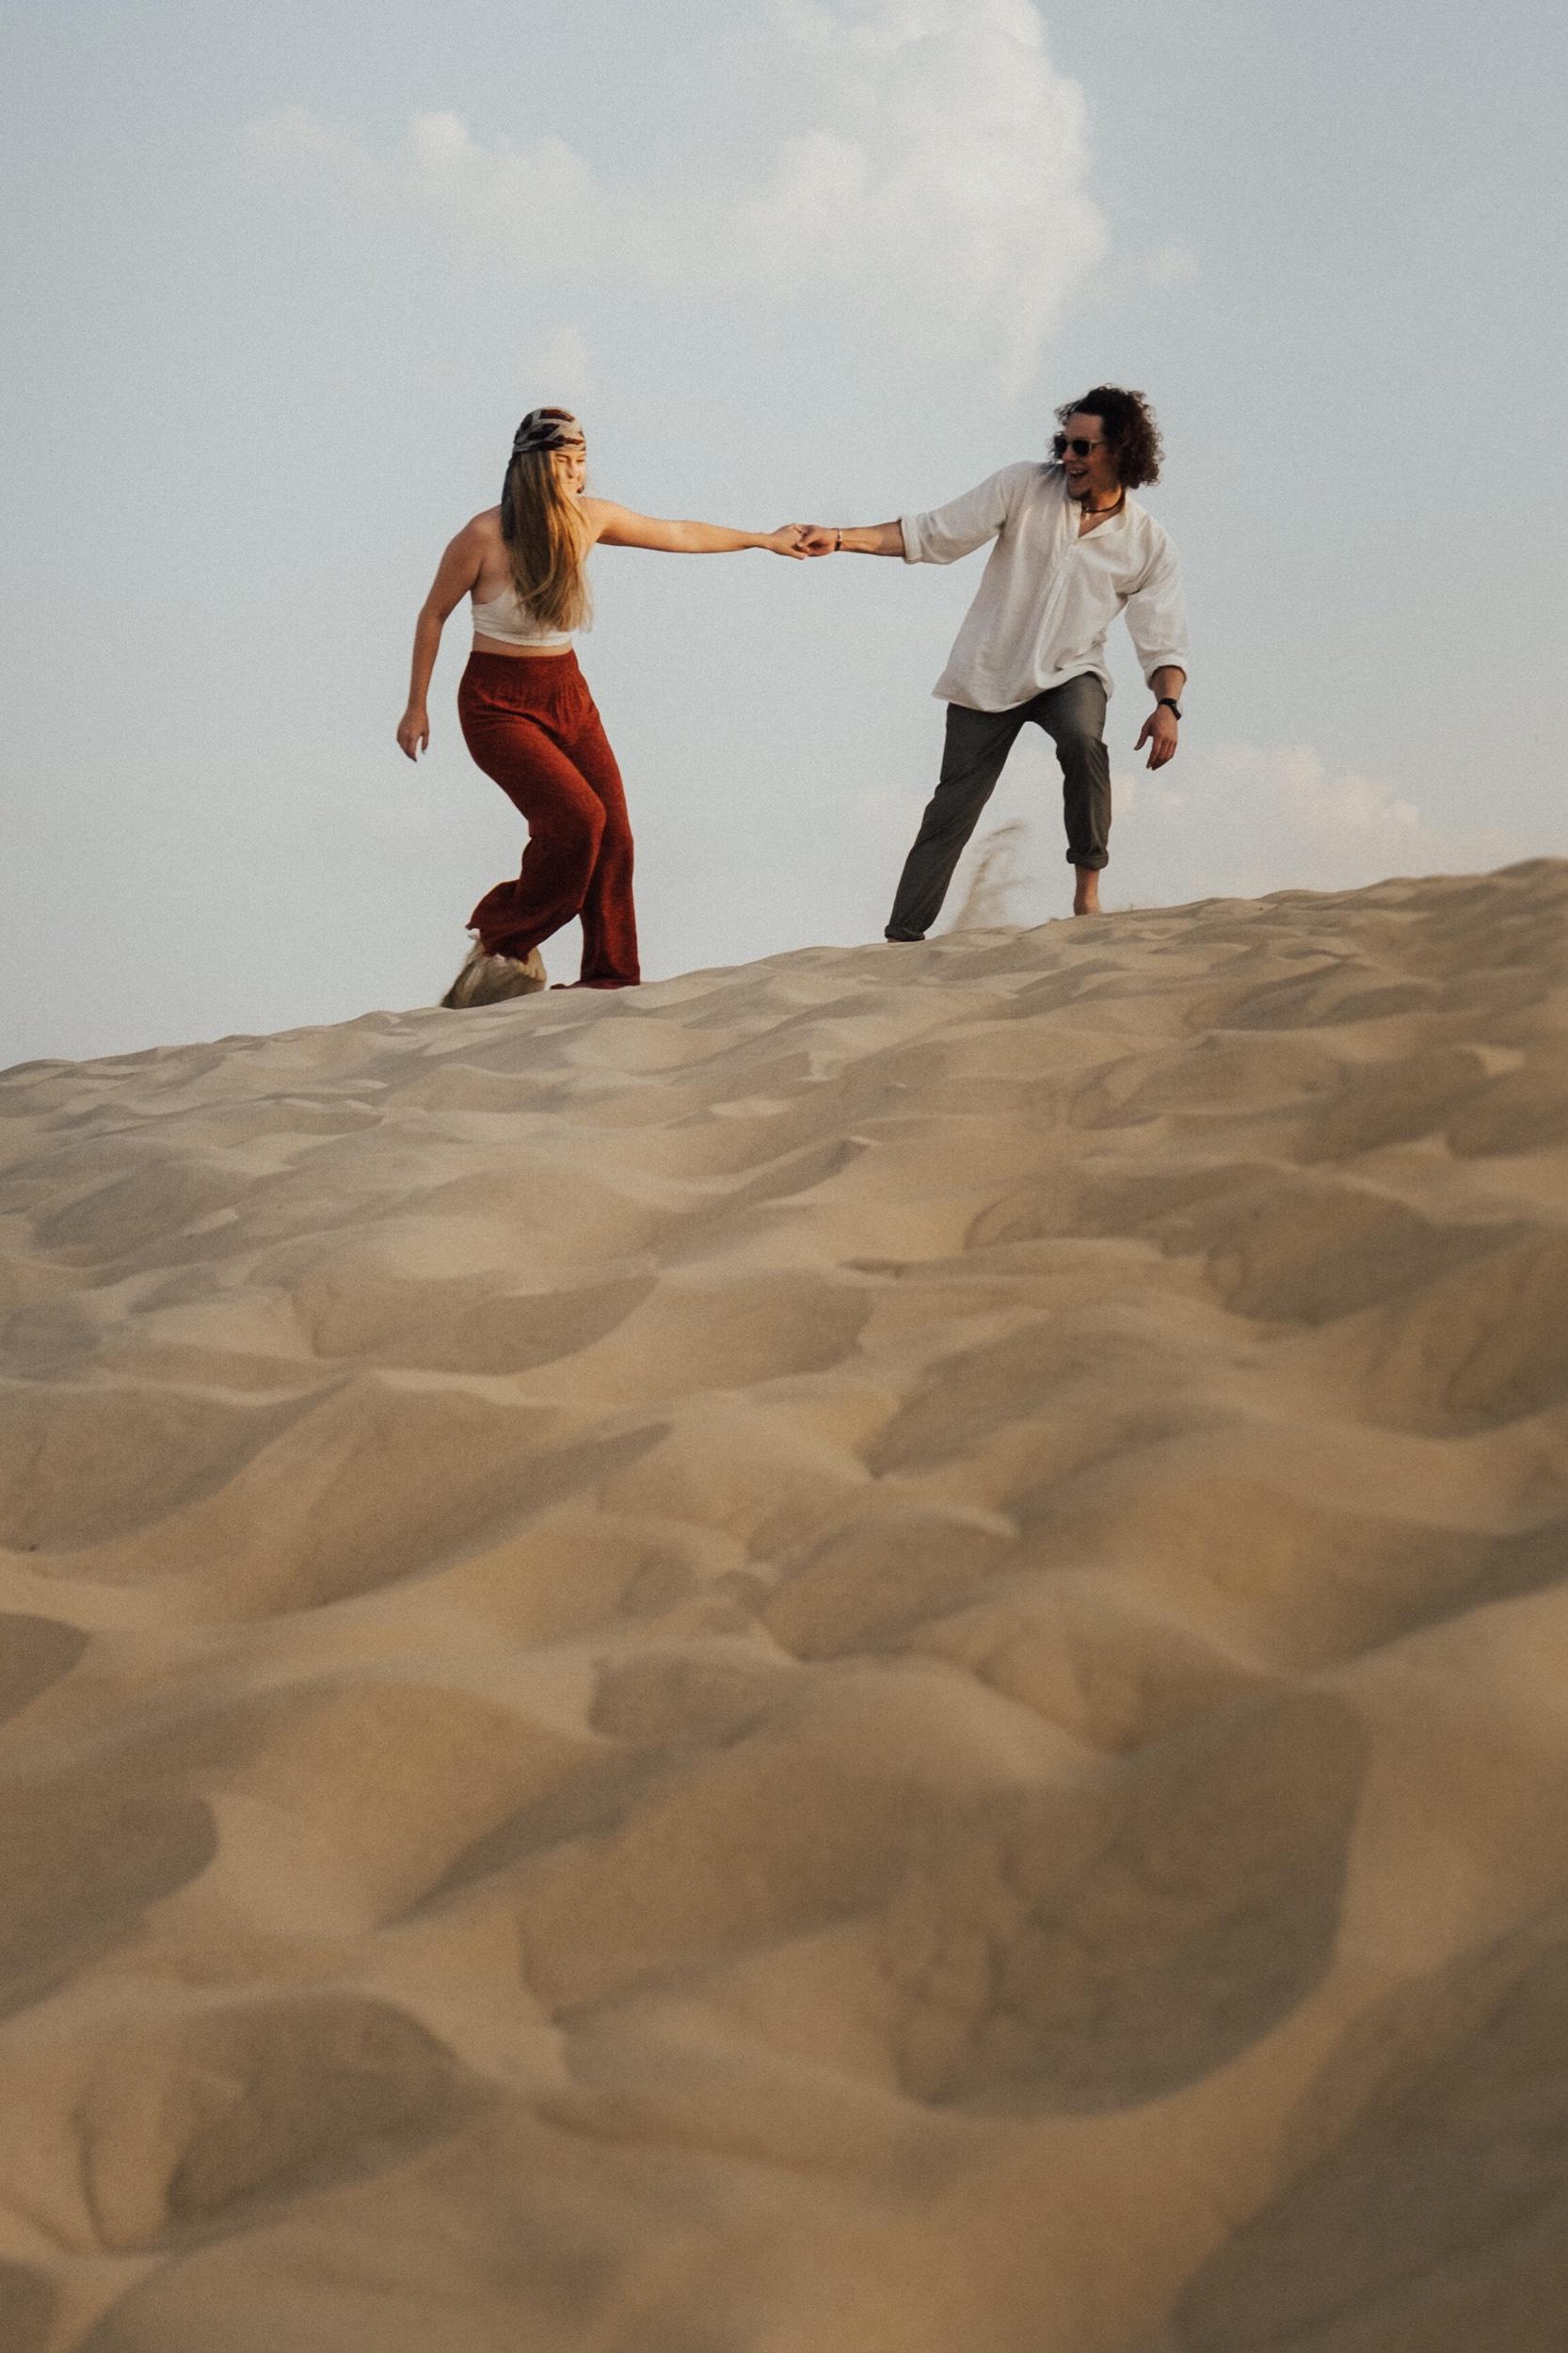 Desert Engagement Shoot